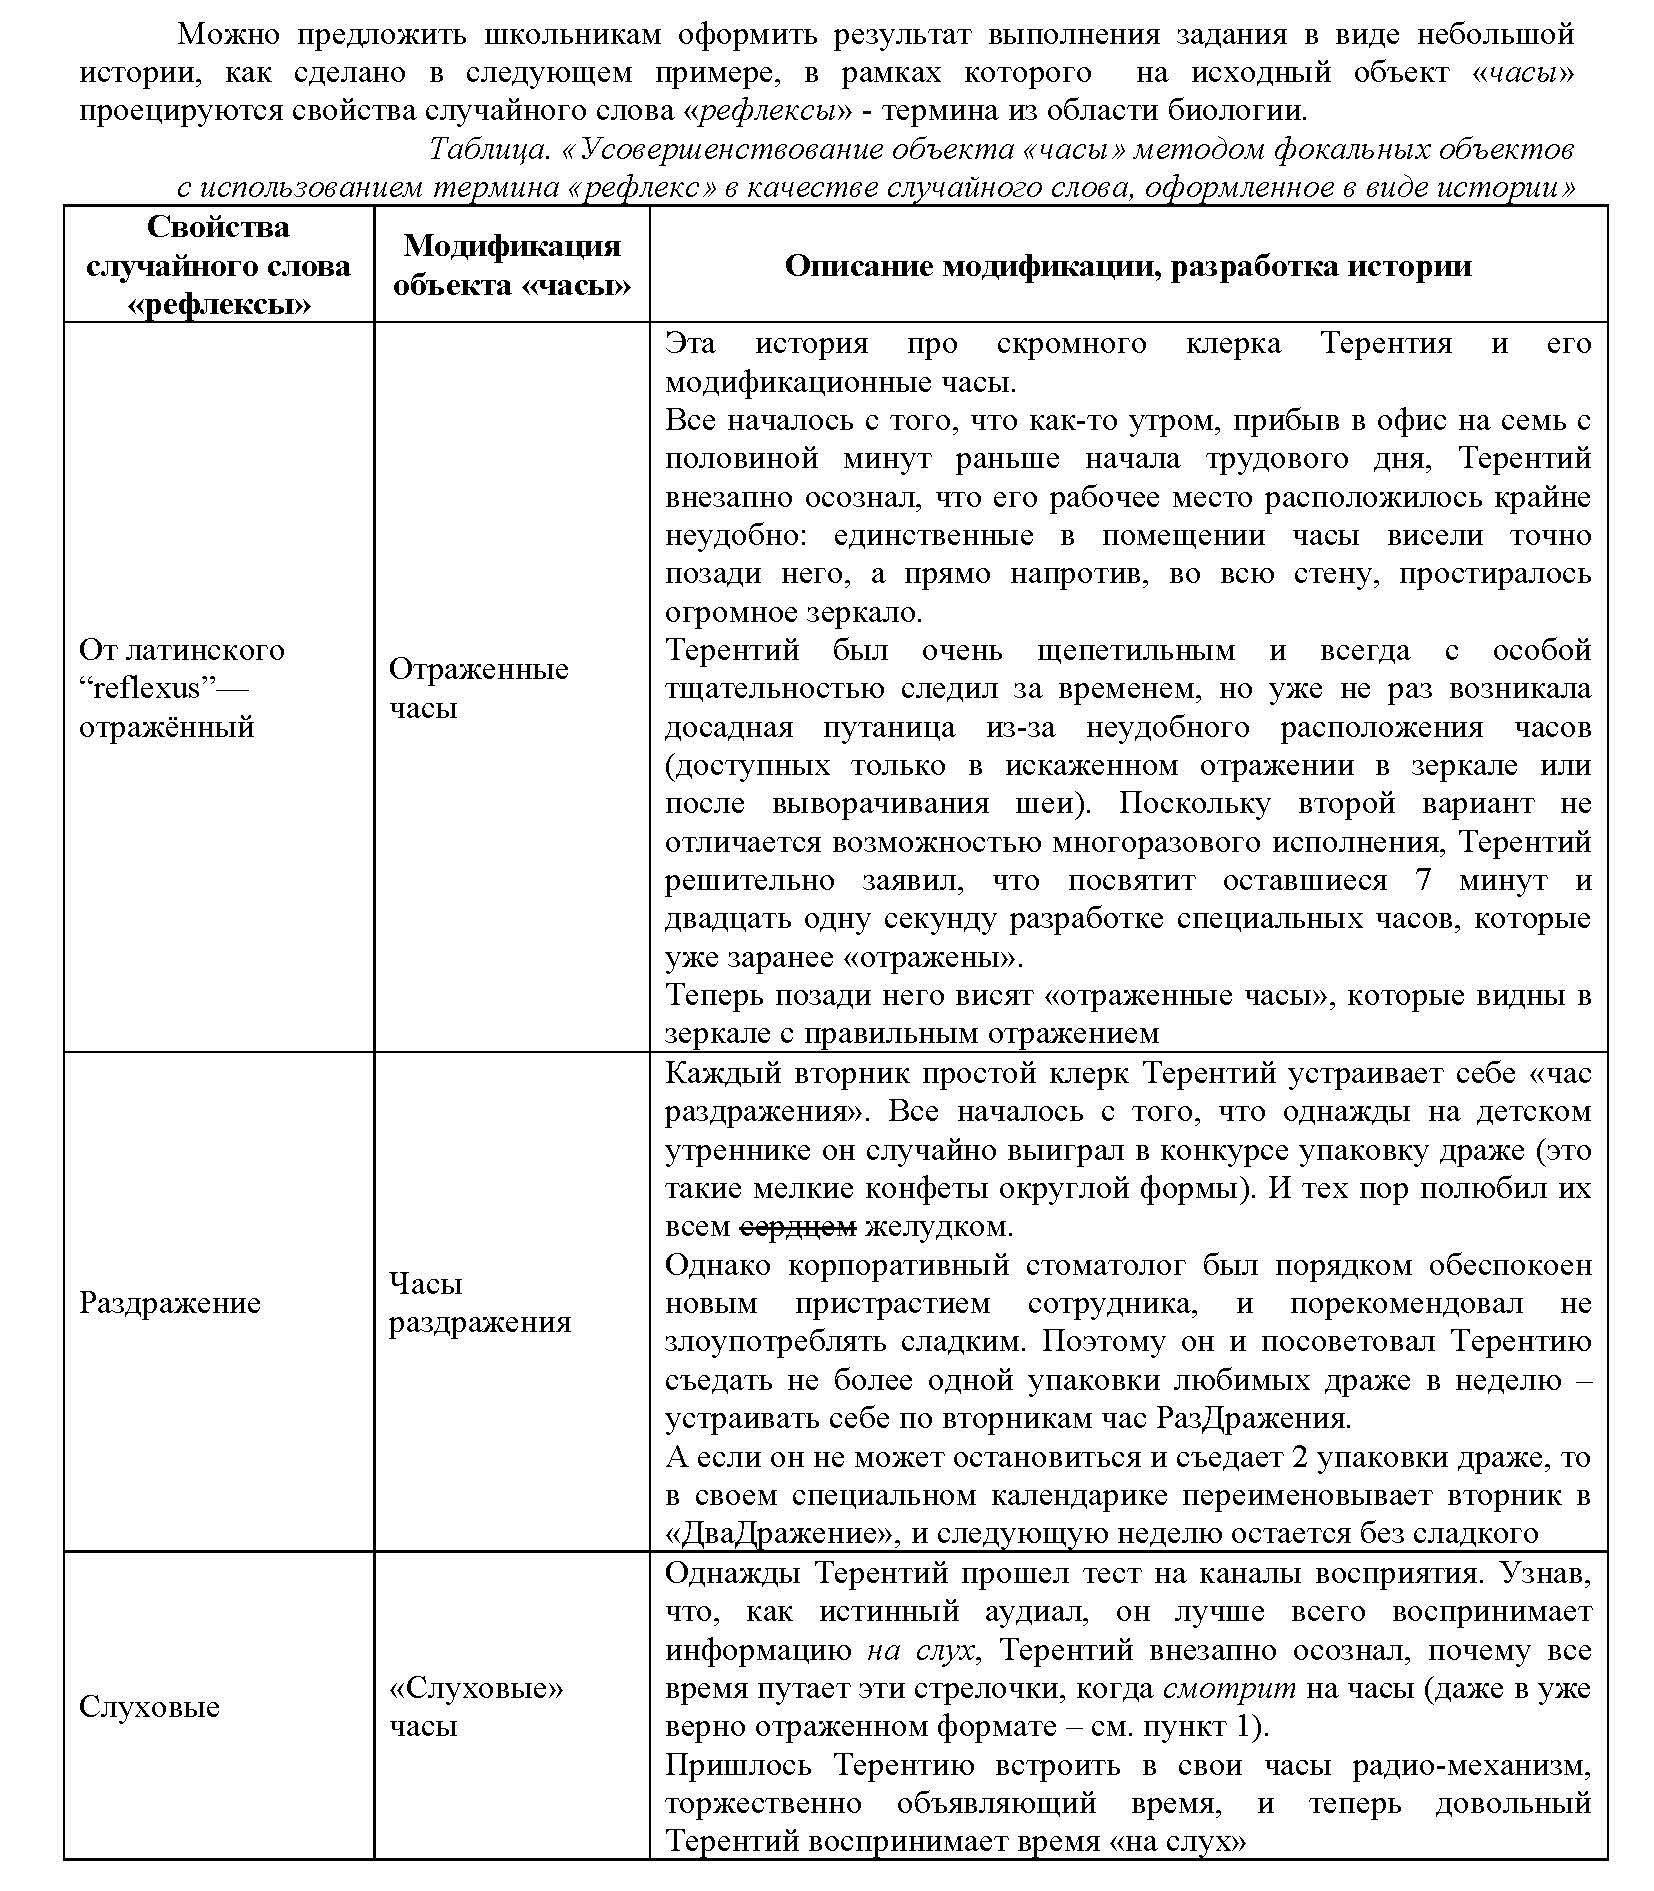 МФО и др._Страница_05